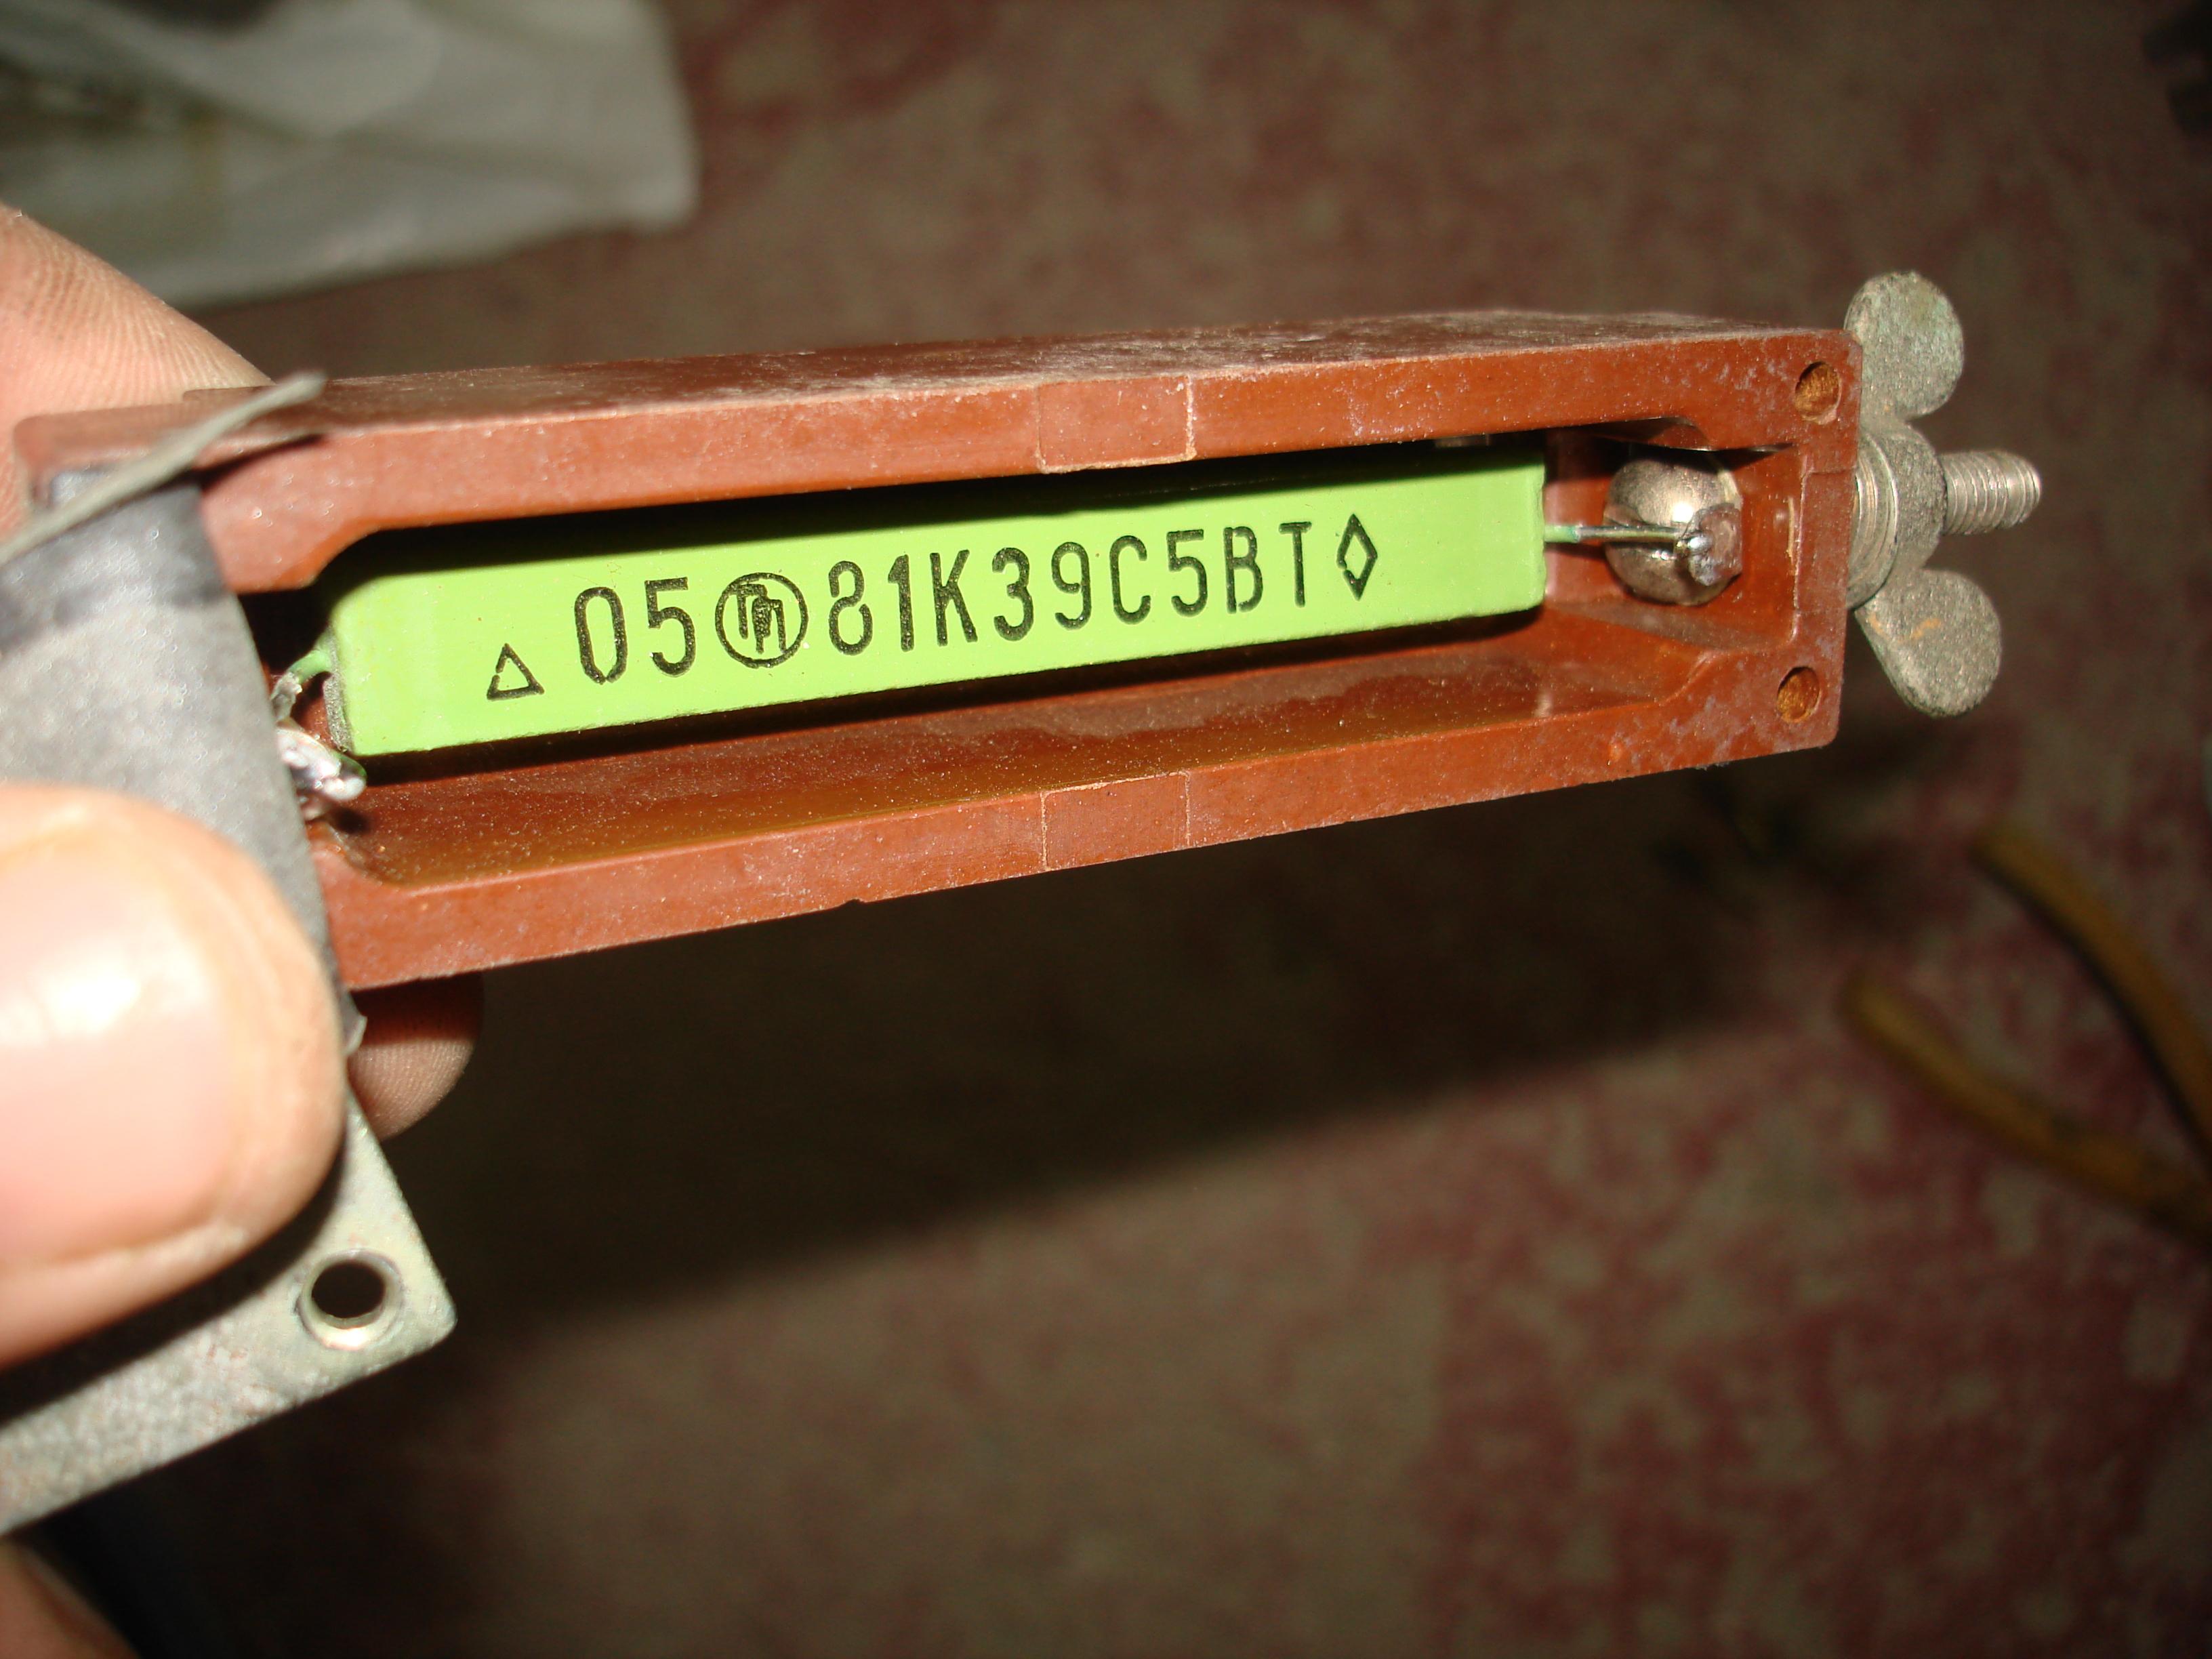 Нажмите на изображение для увеличения.  Название:DSC07065.JPG Просмотров:9 Размер:2.73 Мб ID:197577